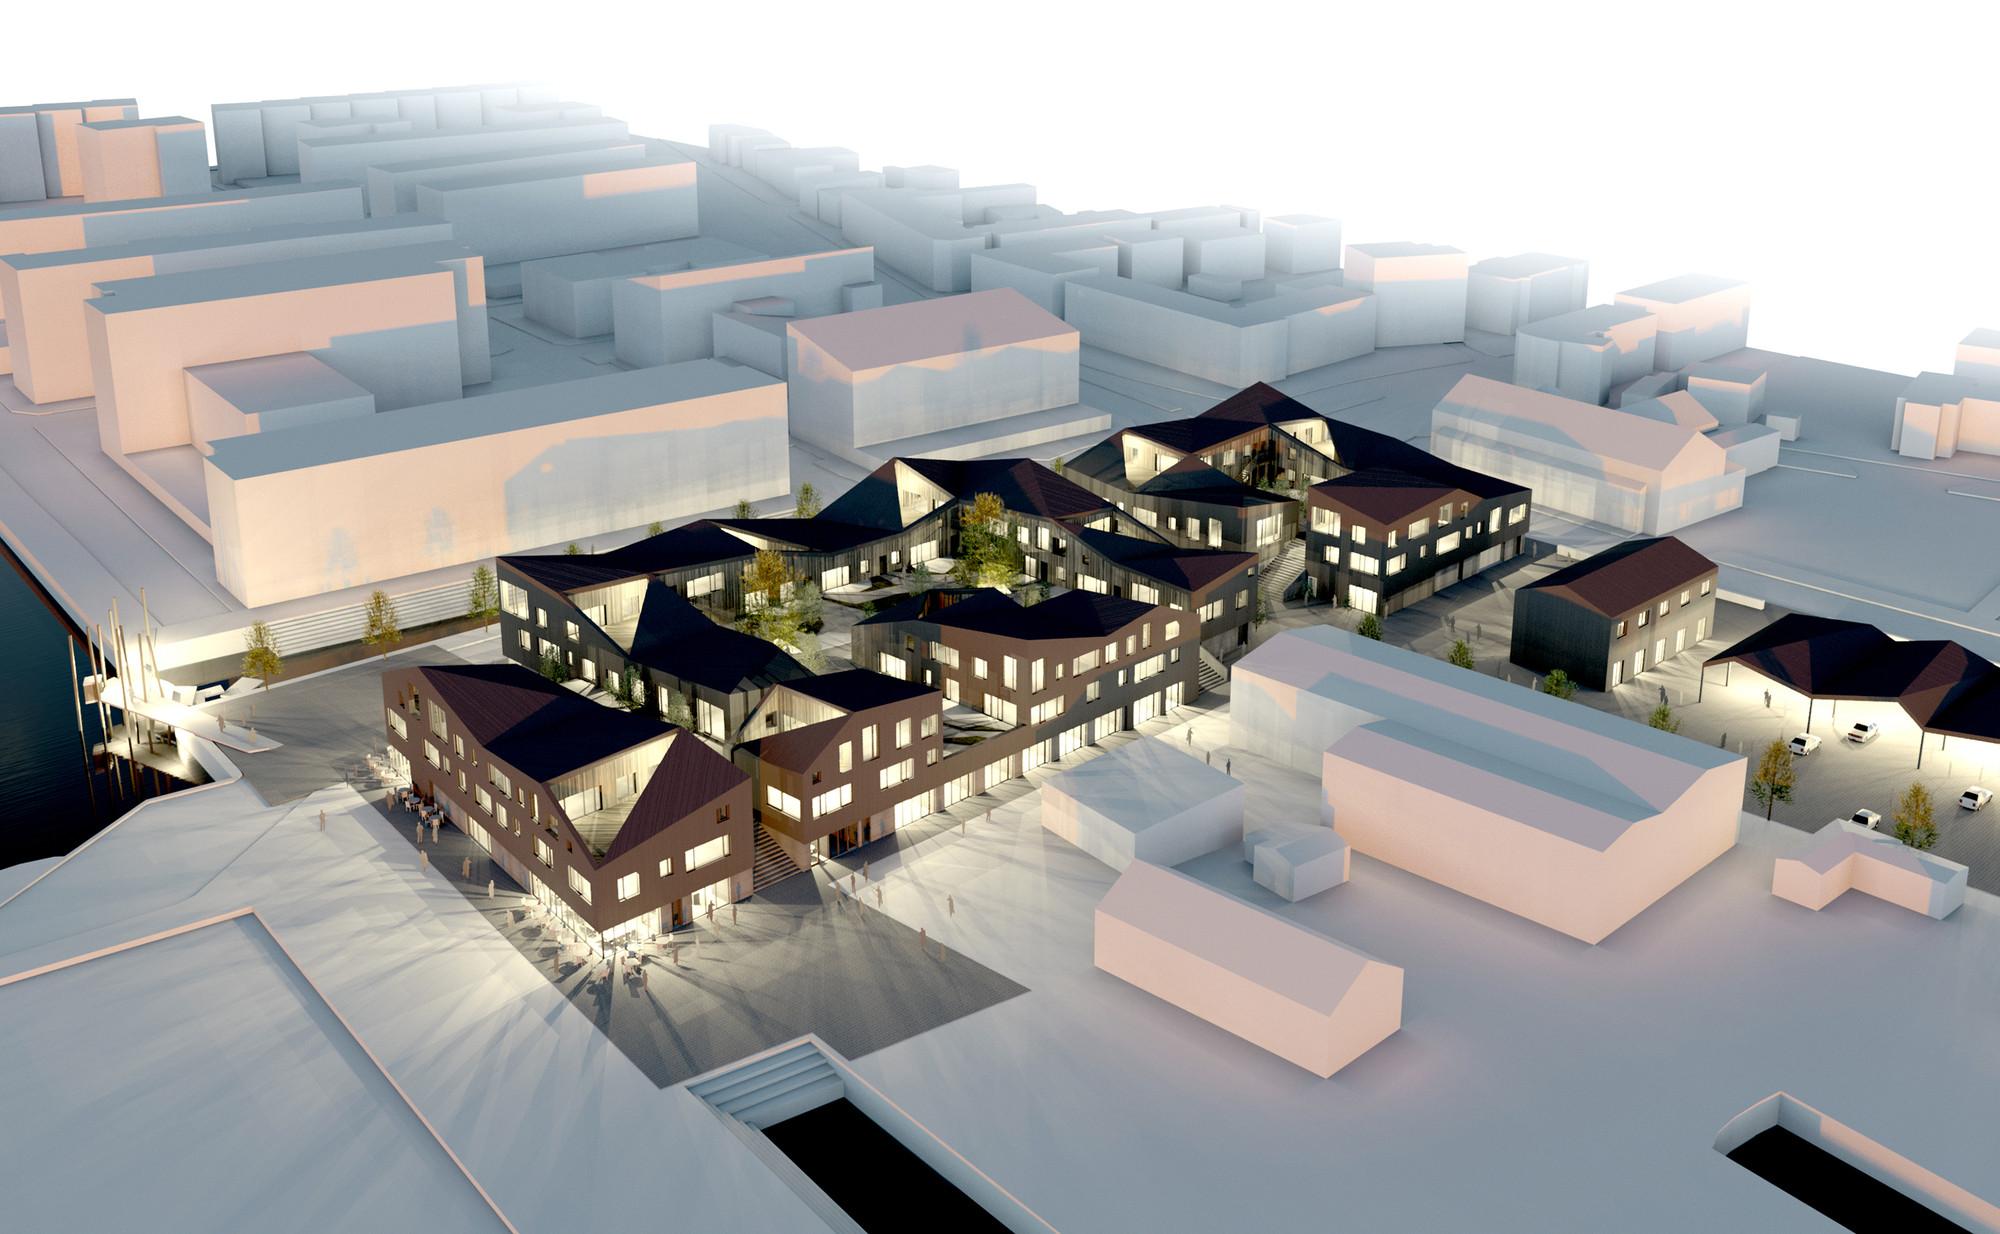 dimension design Gallery of Kullegaard Takes First Place in Holbæk HavneBy Design  dimension design